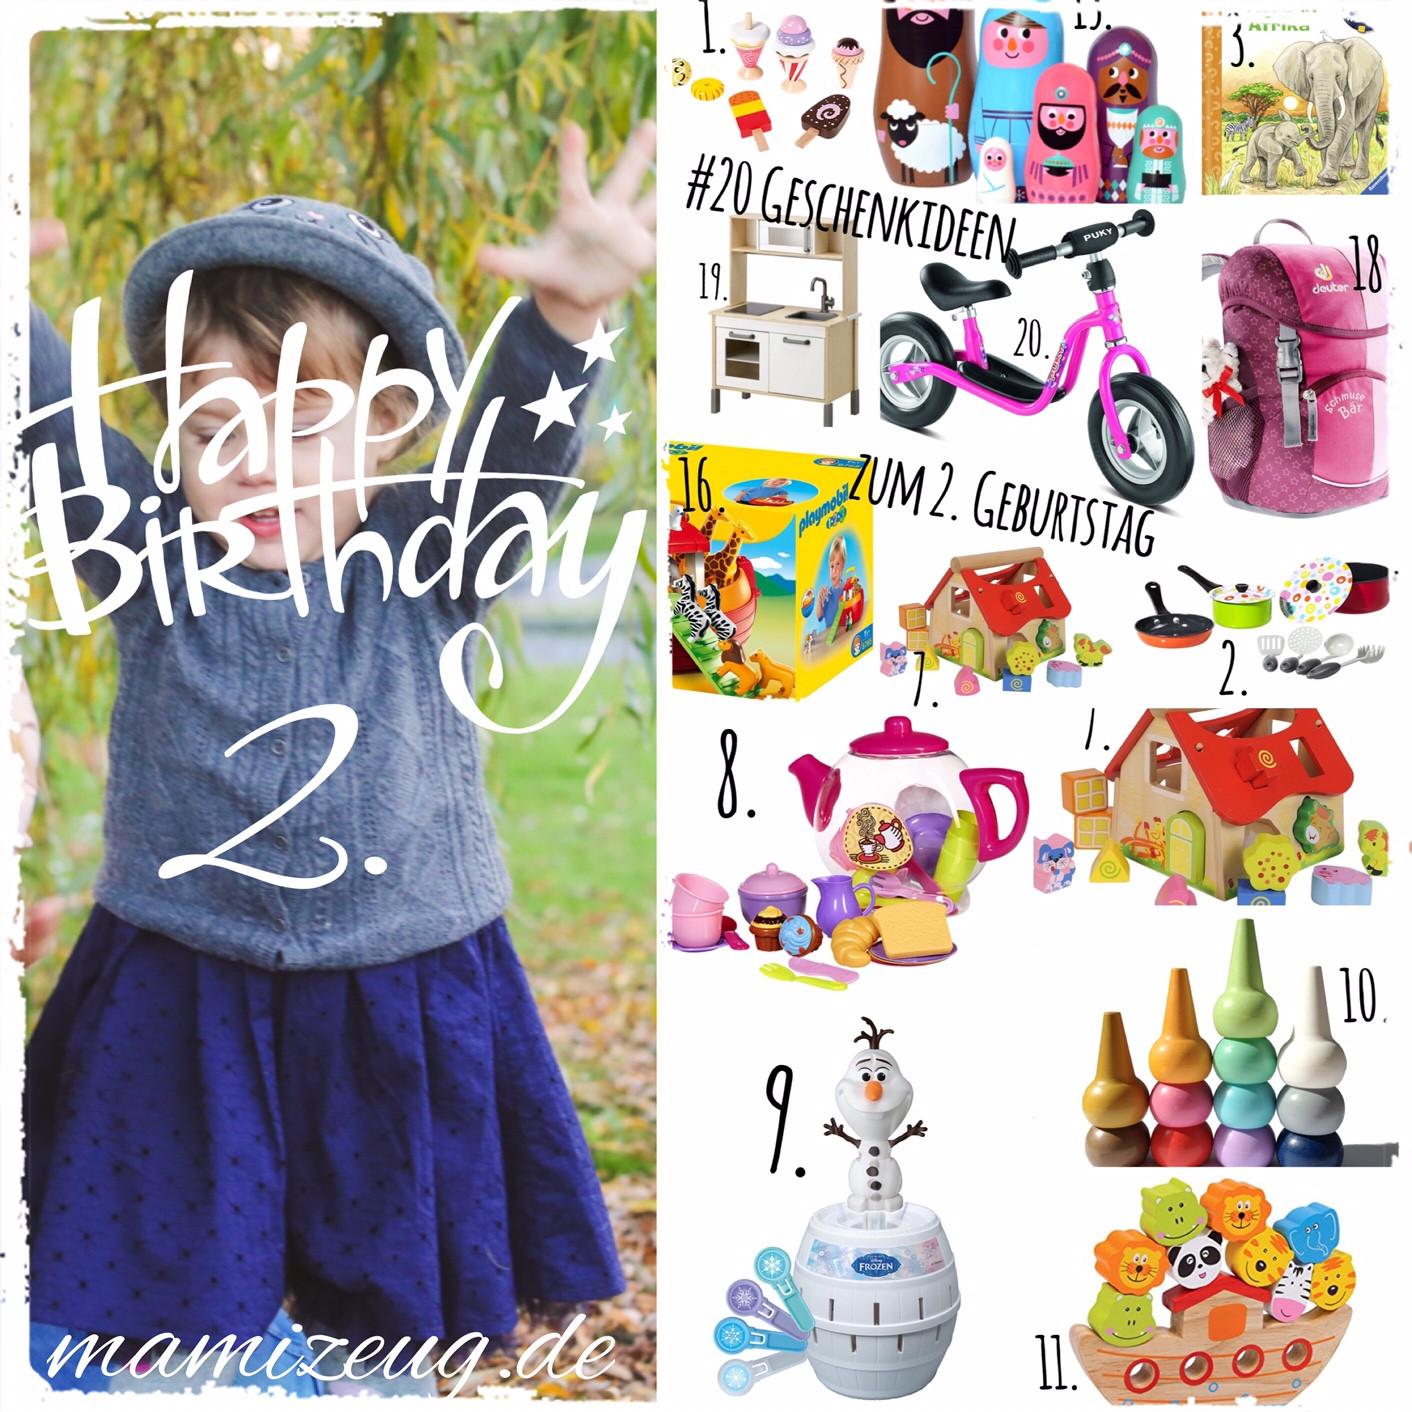 Geschenkideen Zum 2 Geburtstag  Die Top 20 Geschenke zum 2 Geburtstag mamizeug